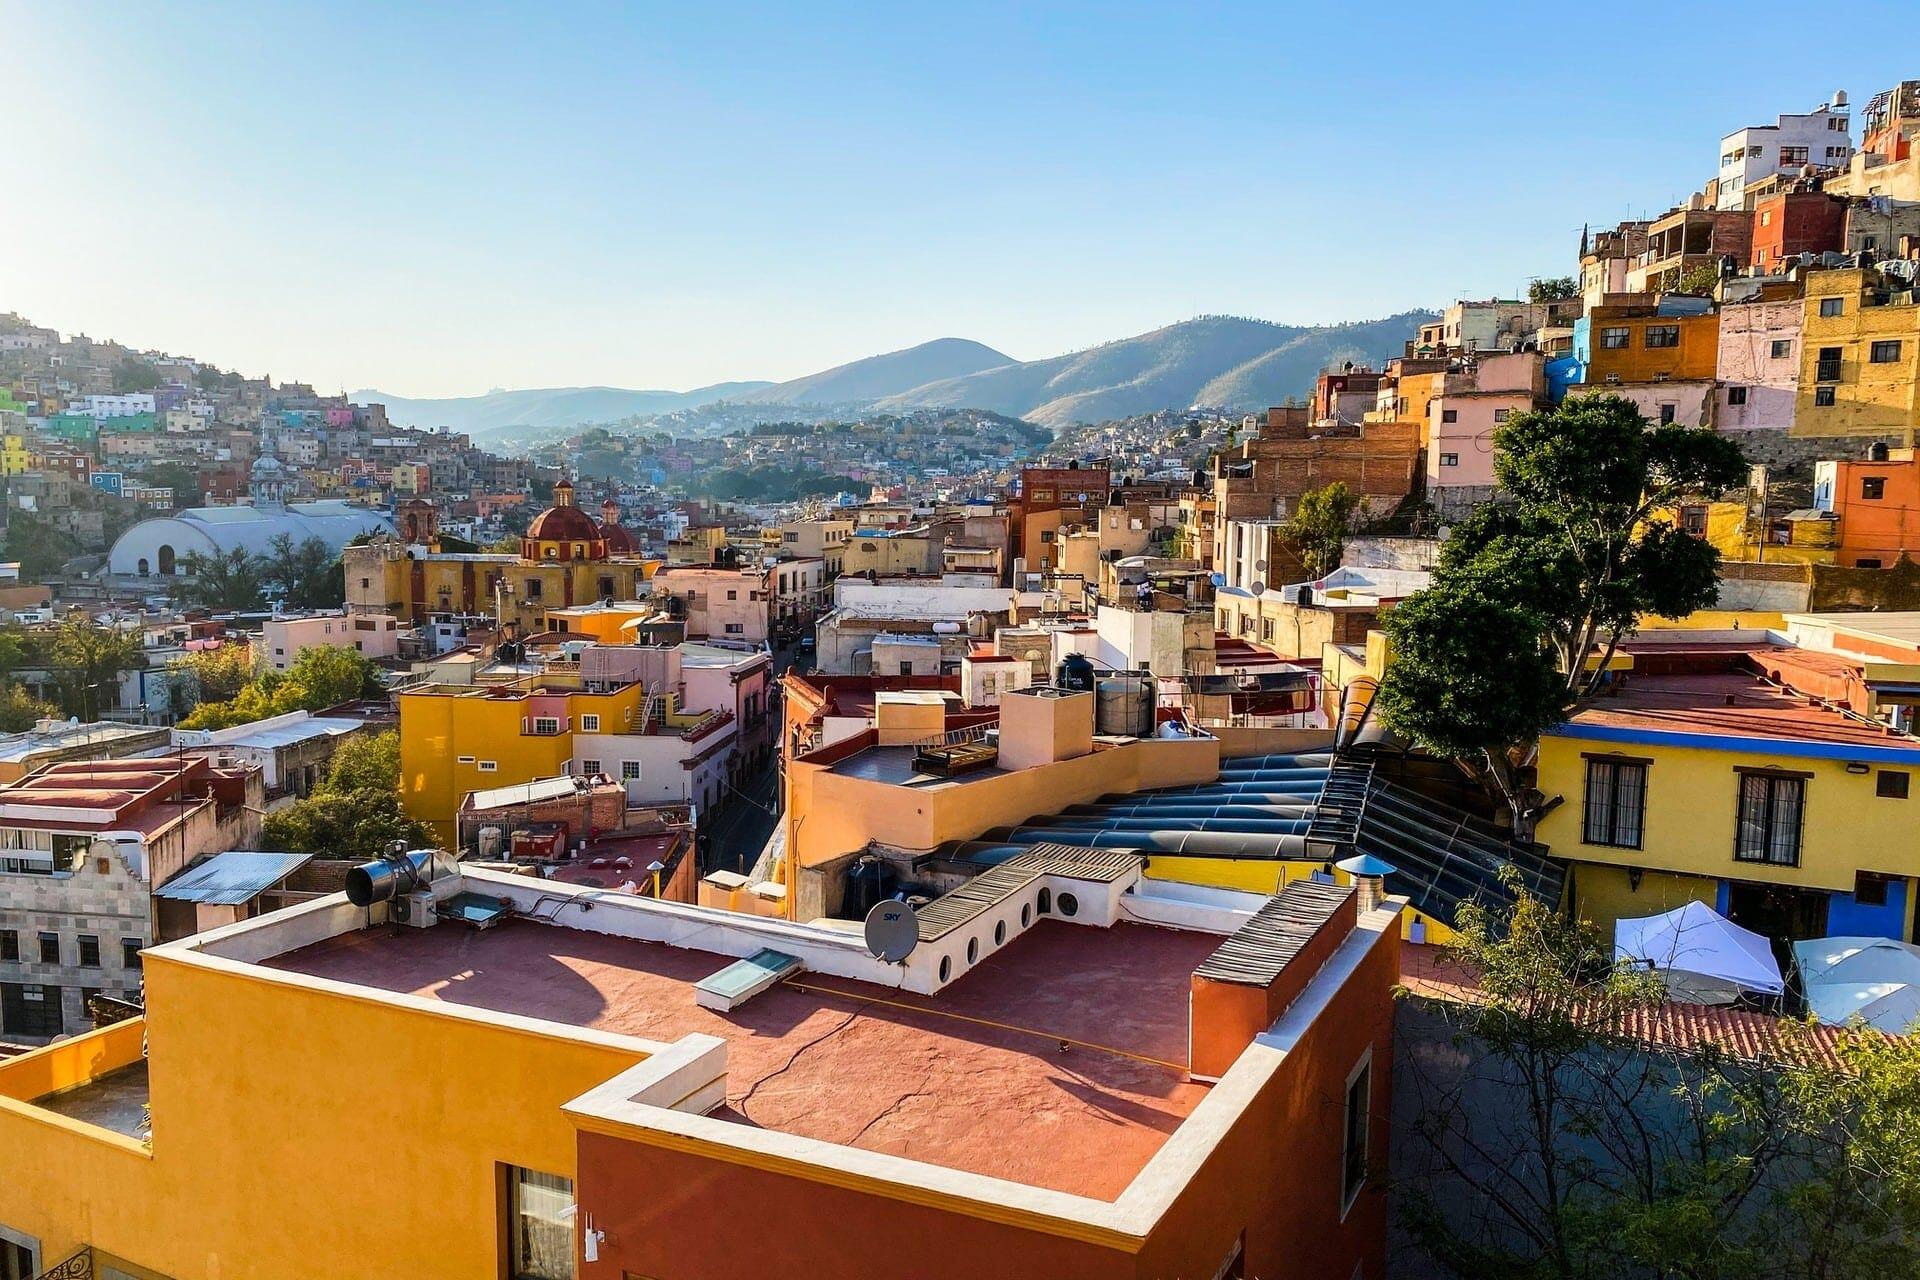 ciudad de Guanajuato, México.